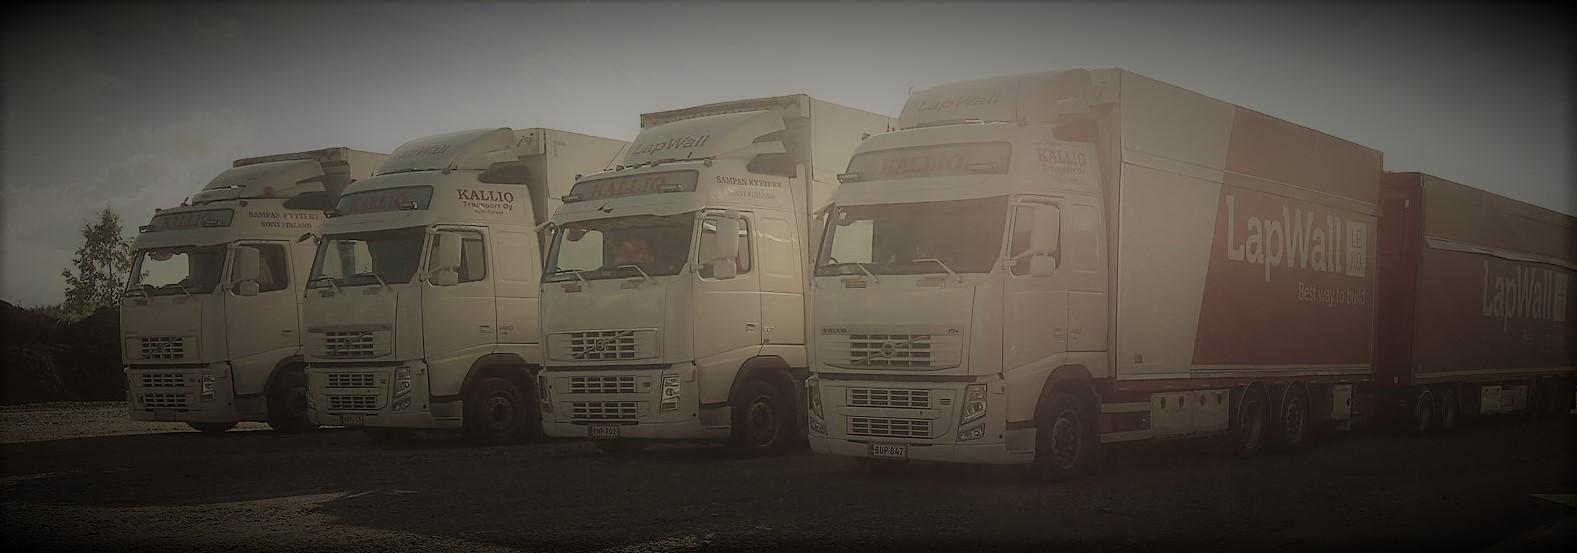 Kallio Transport Oy